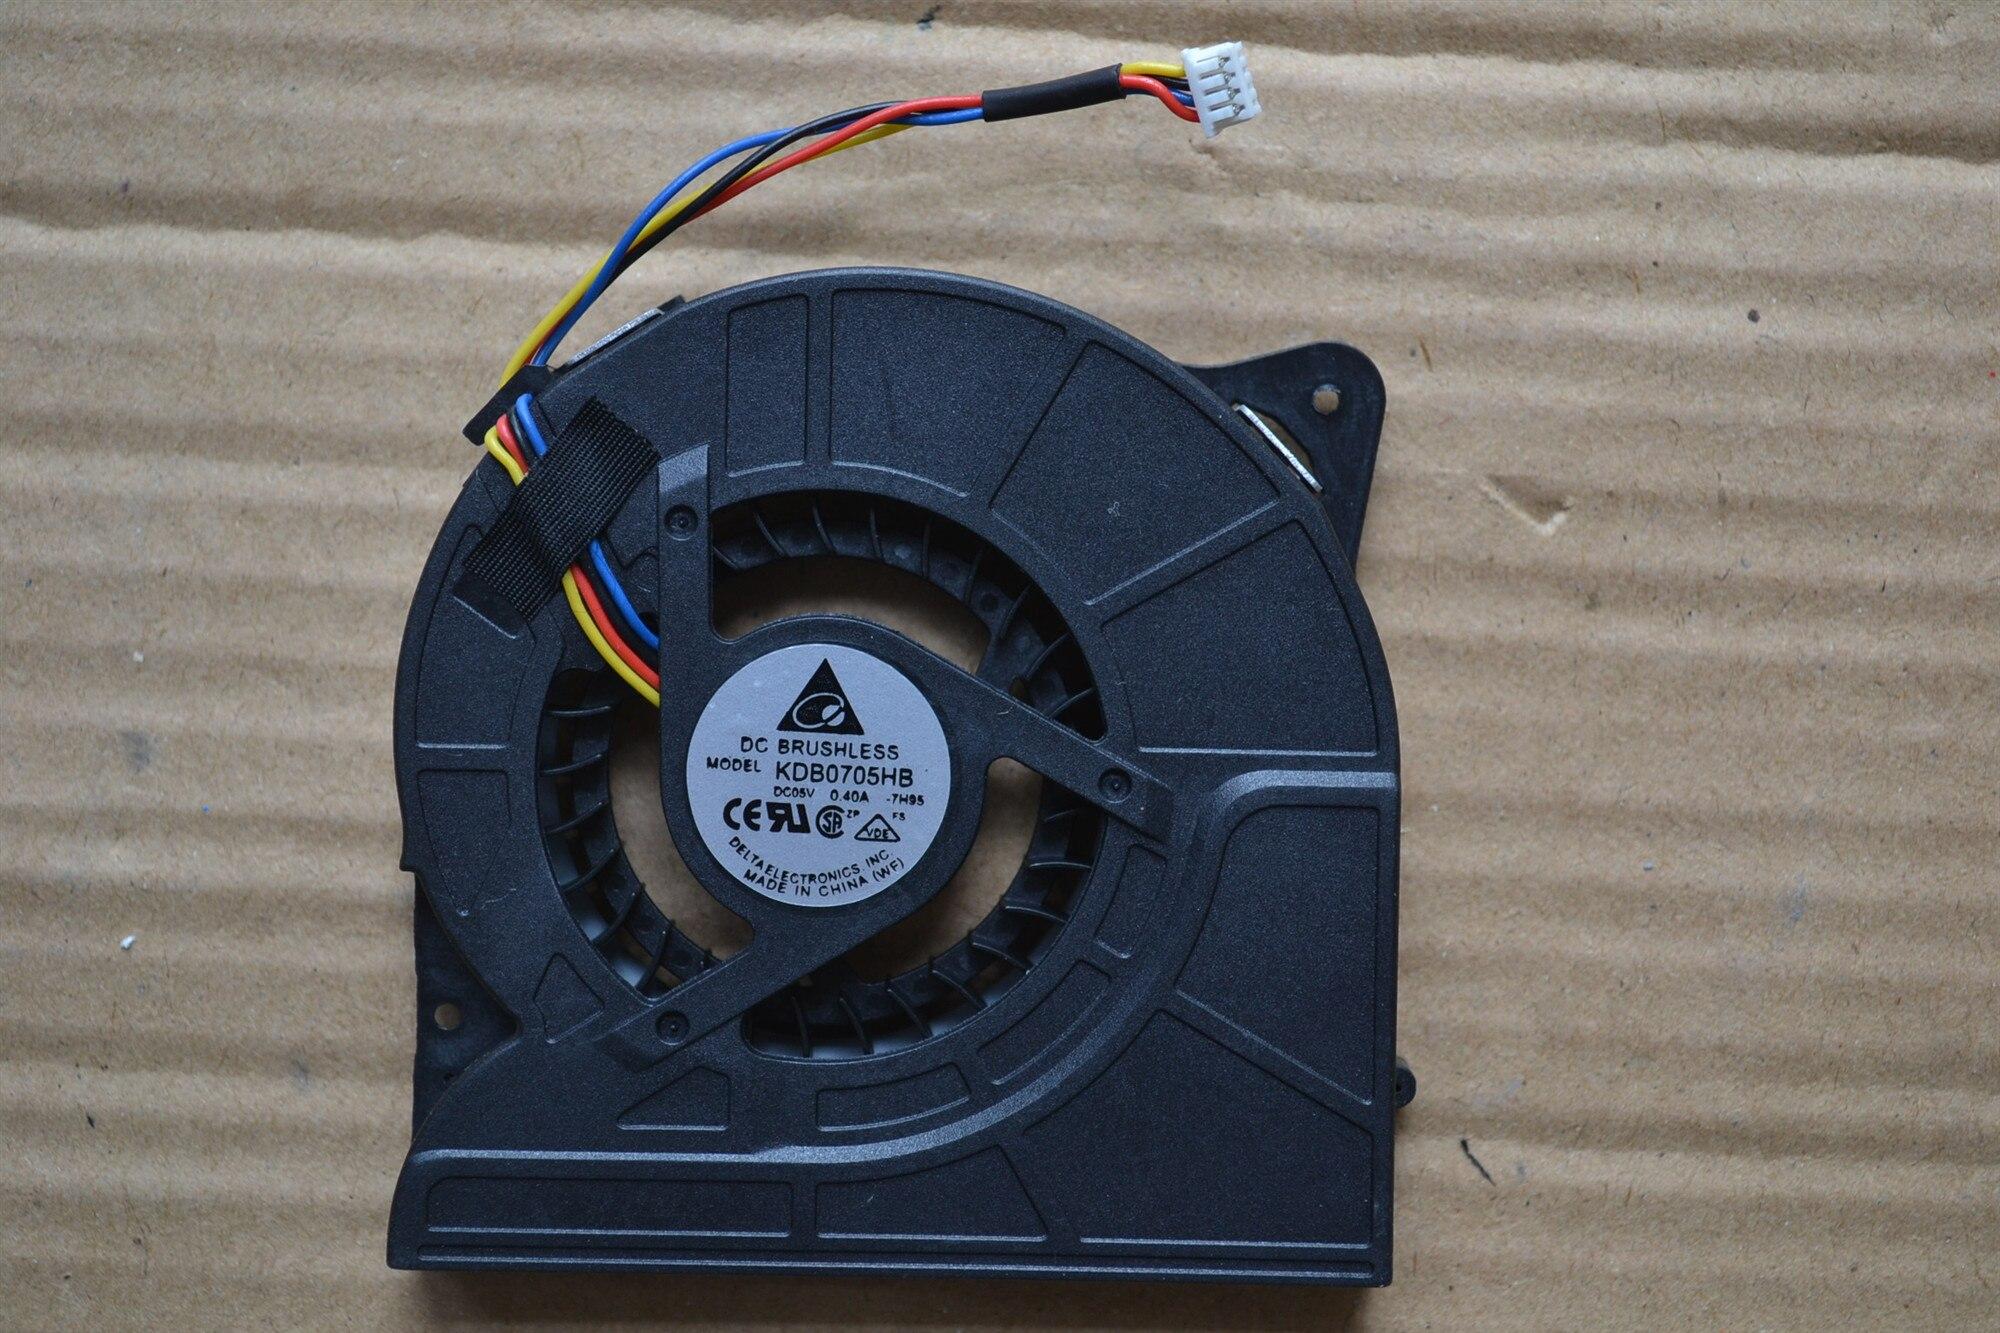 Nova fan portátil para ASUS X71SL X71S X71V M70SV M70V X71SL N90 M70 F70SL F90SV G71 G71GX G71G UDQFLZH22DAS KDB0705HB 7H95